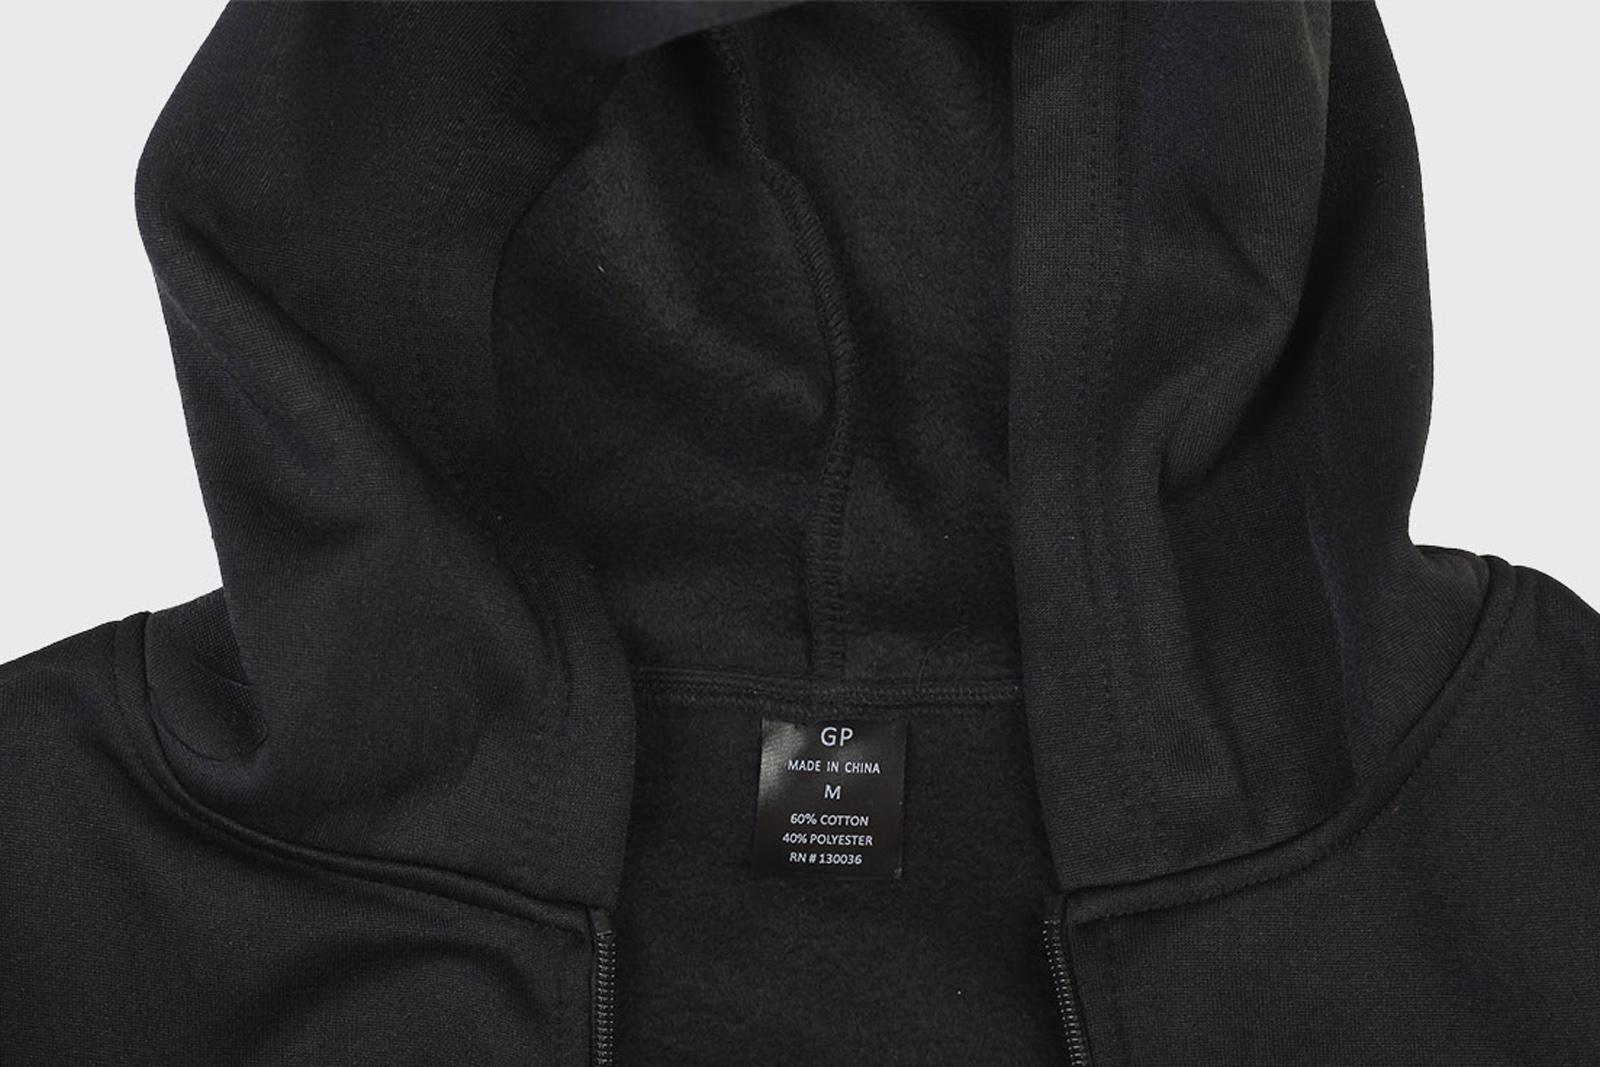 Мужская черная толстовка с большой нашивкой 18 дивизия ТРПК СН - купить по низкой цене